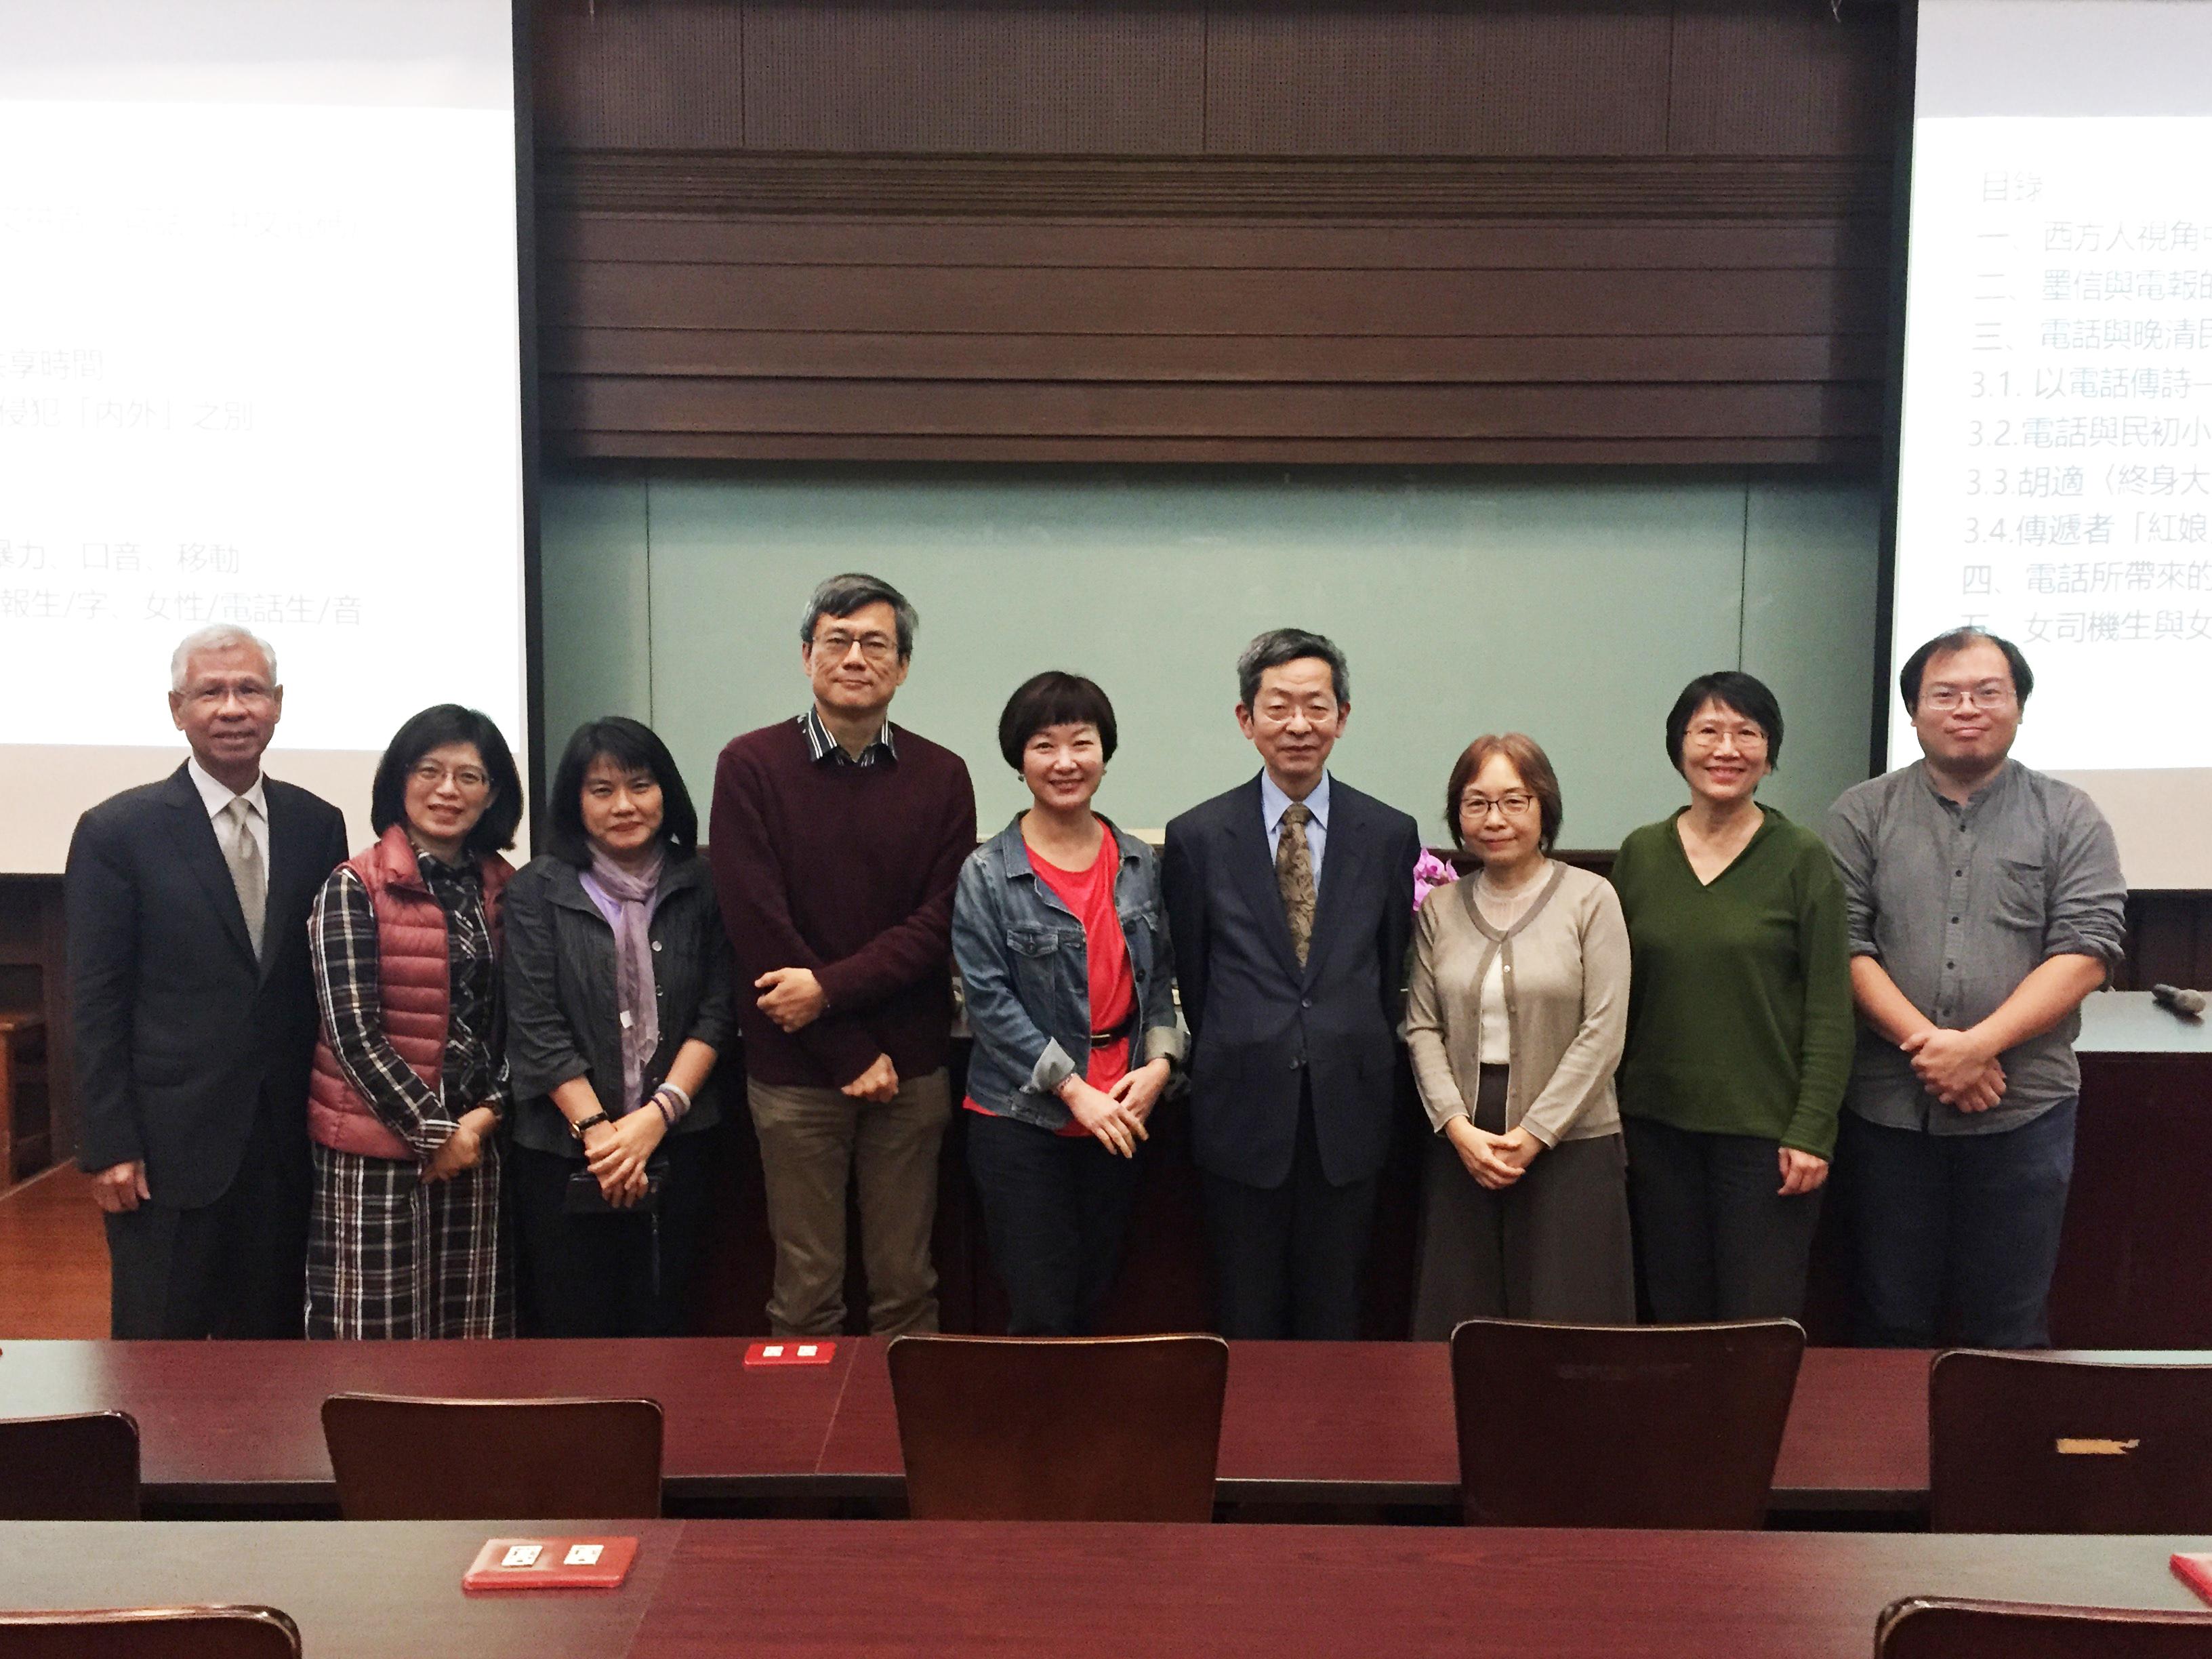 平田昌司教授演講「電報、電話與晚清民初的語言文學」紀要